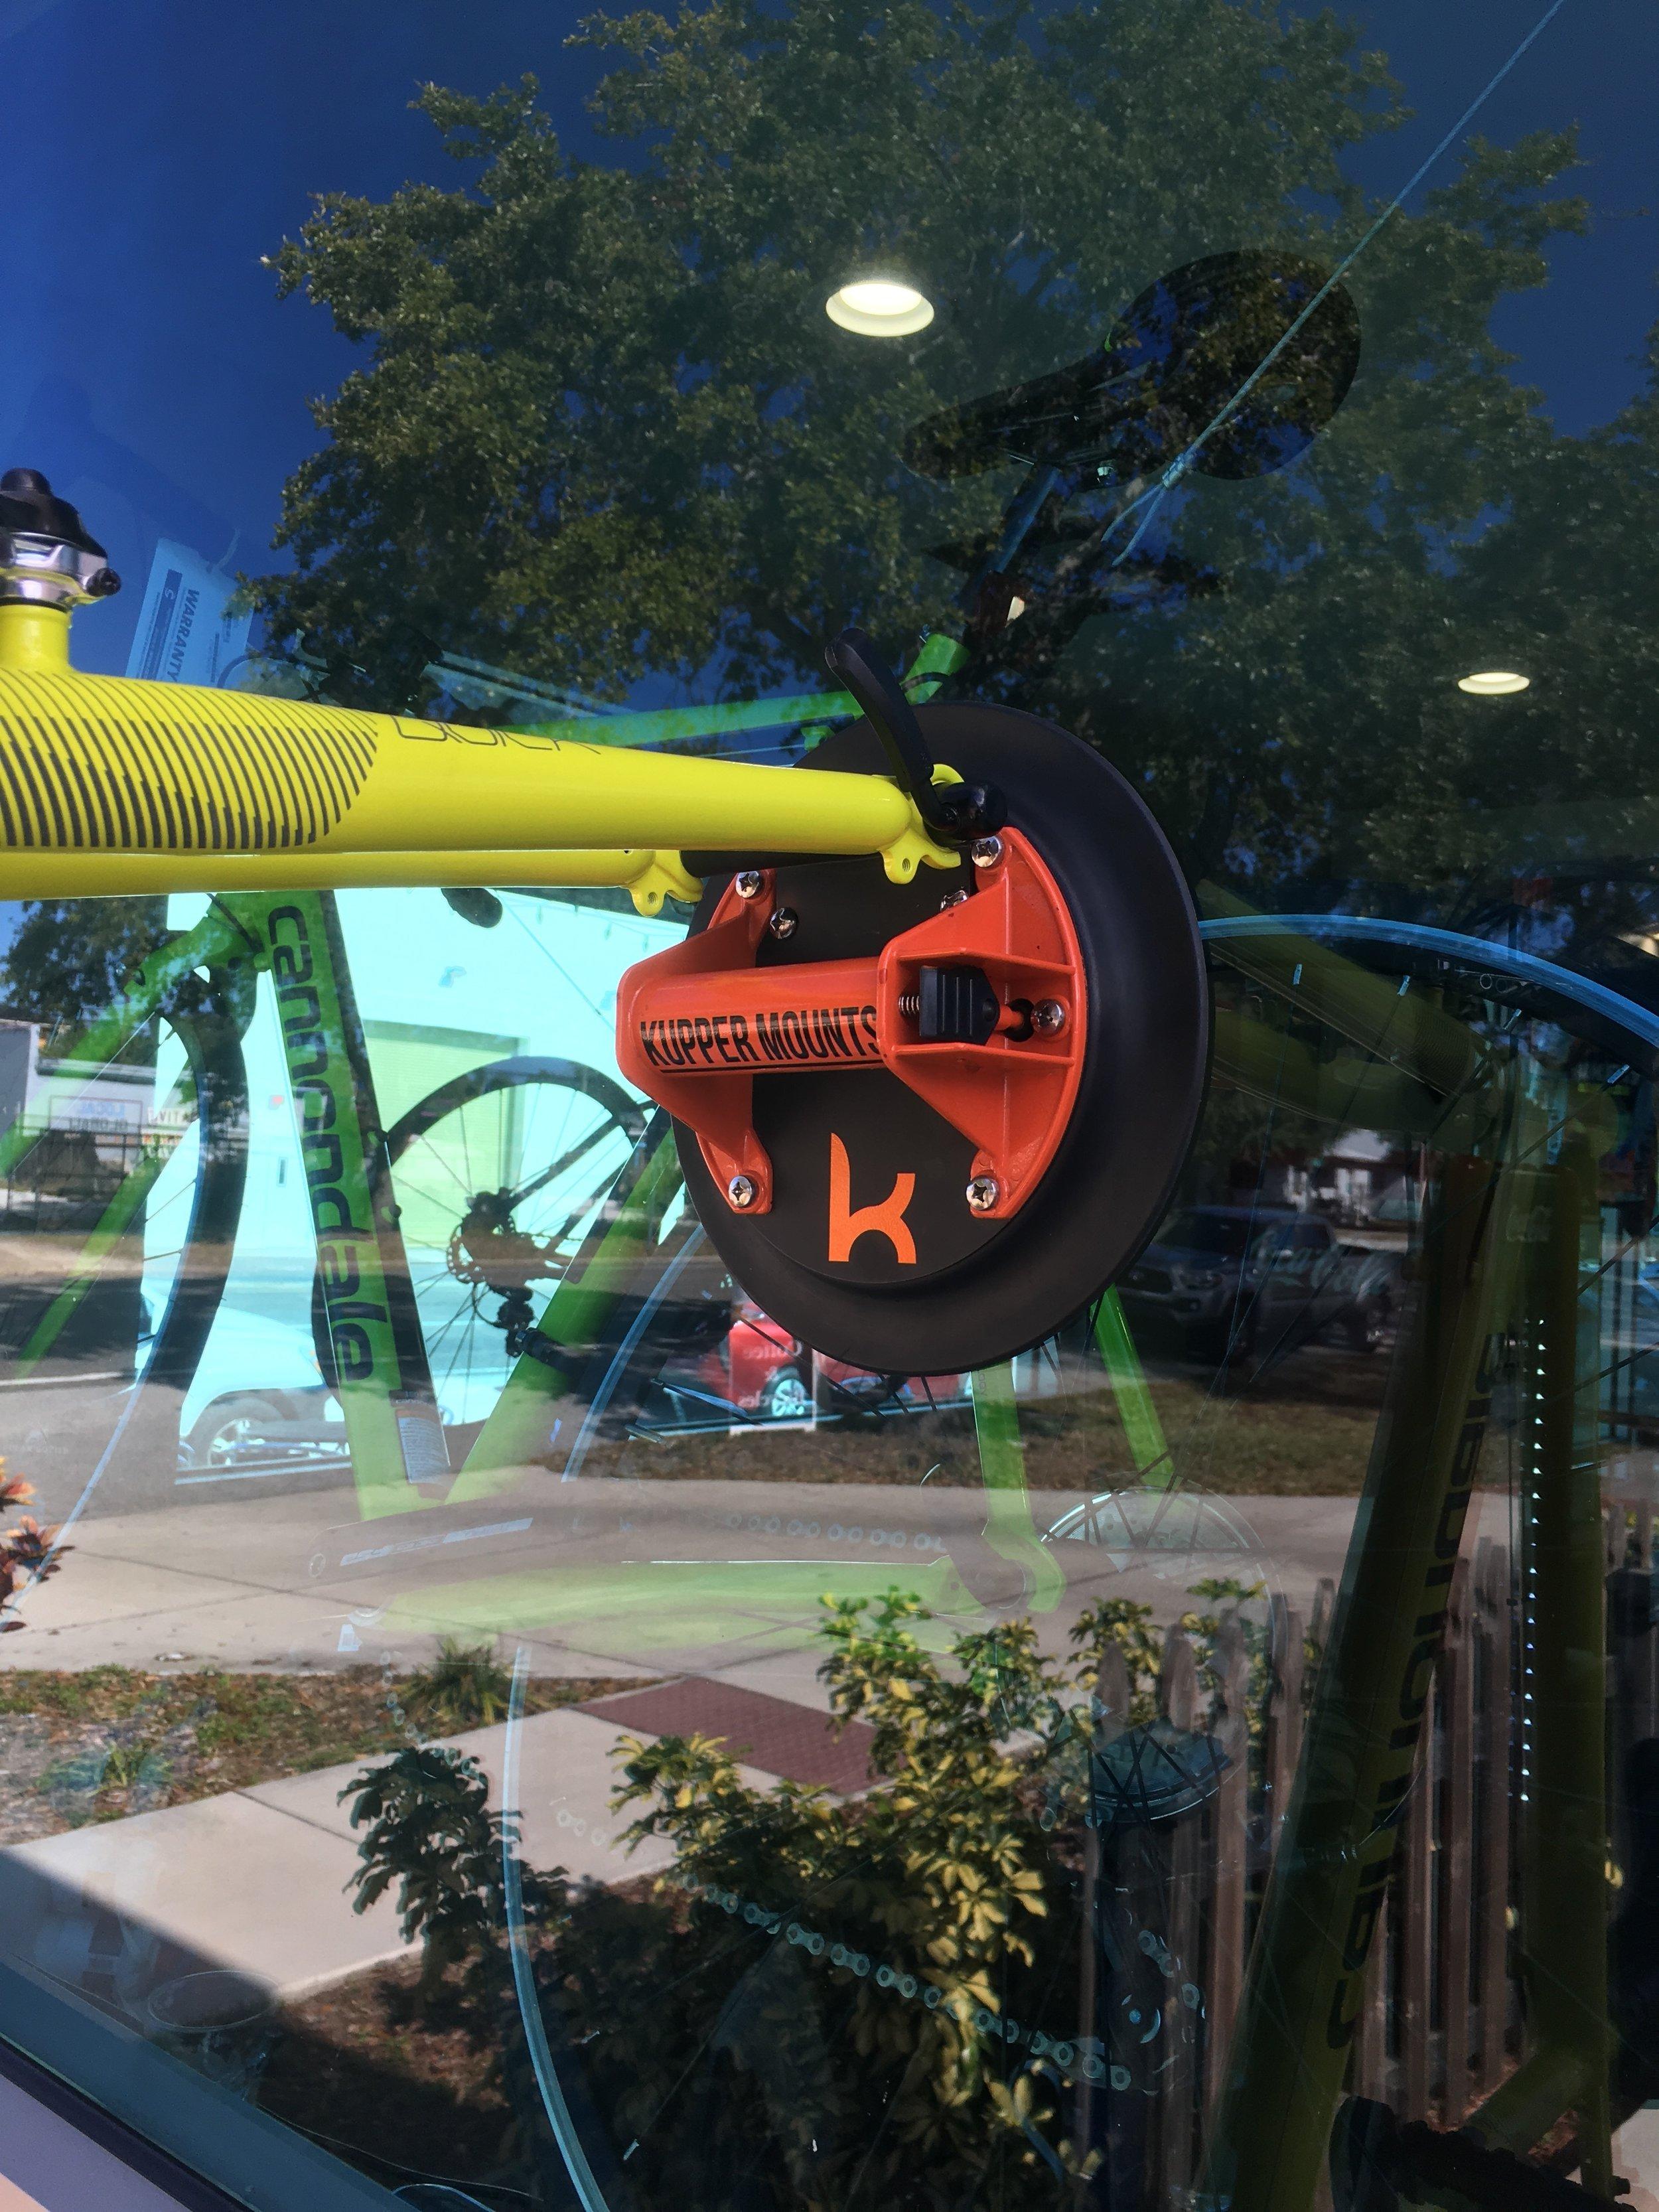 Kupper Mounts Bike Racks Can Used to Display Bikes on Outside Bike Shop Windows.JPG